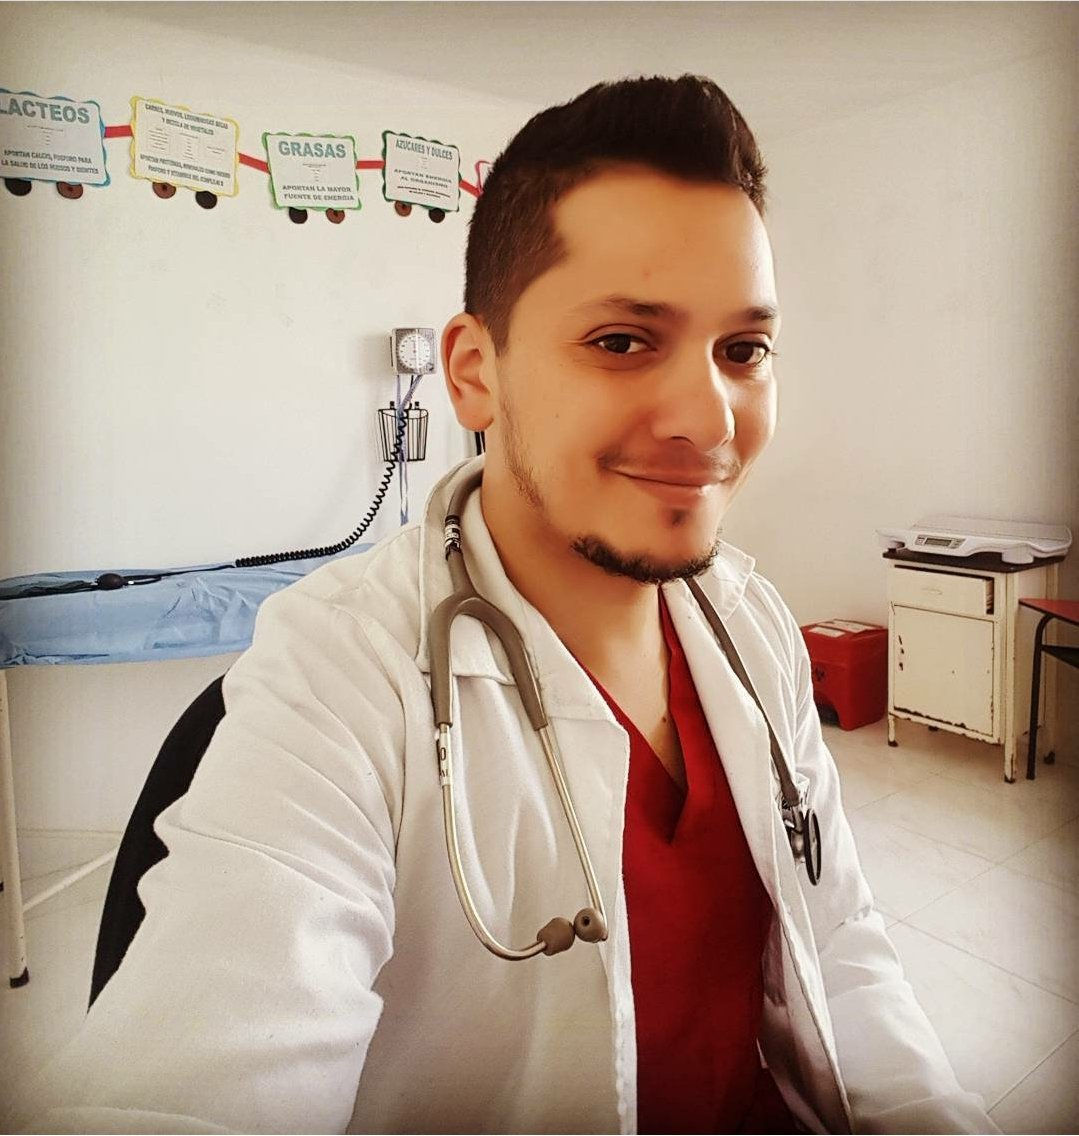 Dr. Jaider Alexander Jimenez Escobar